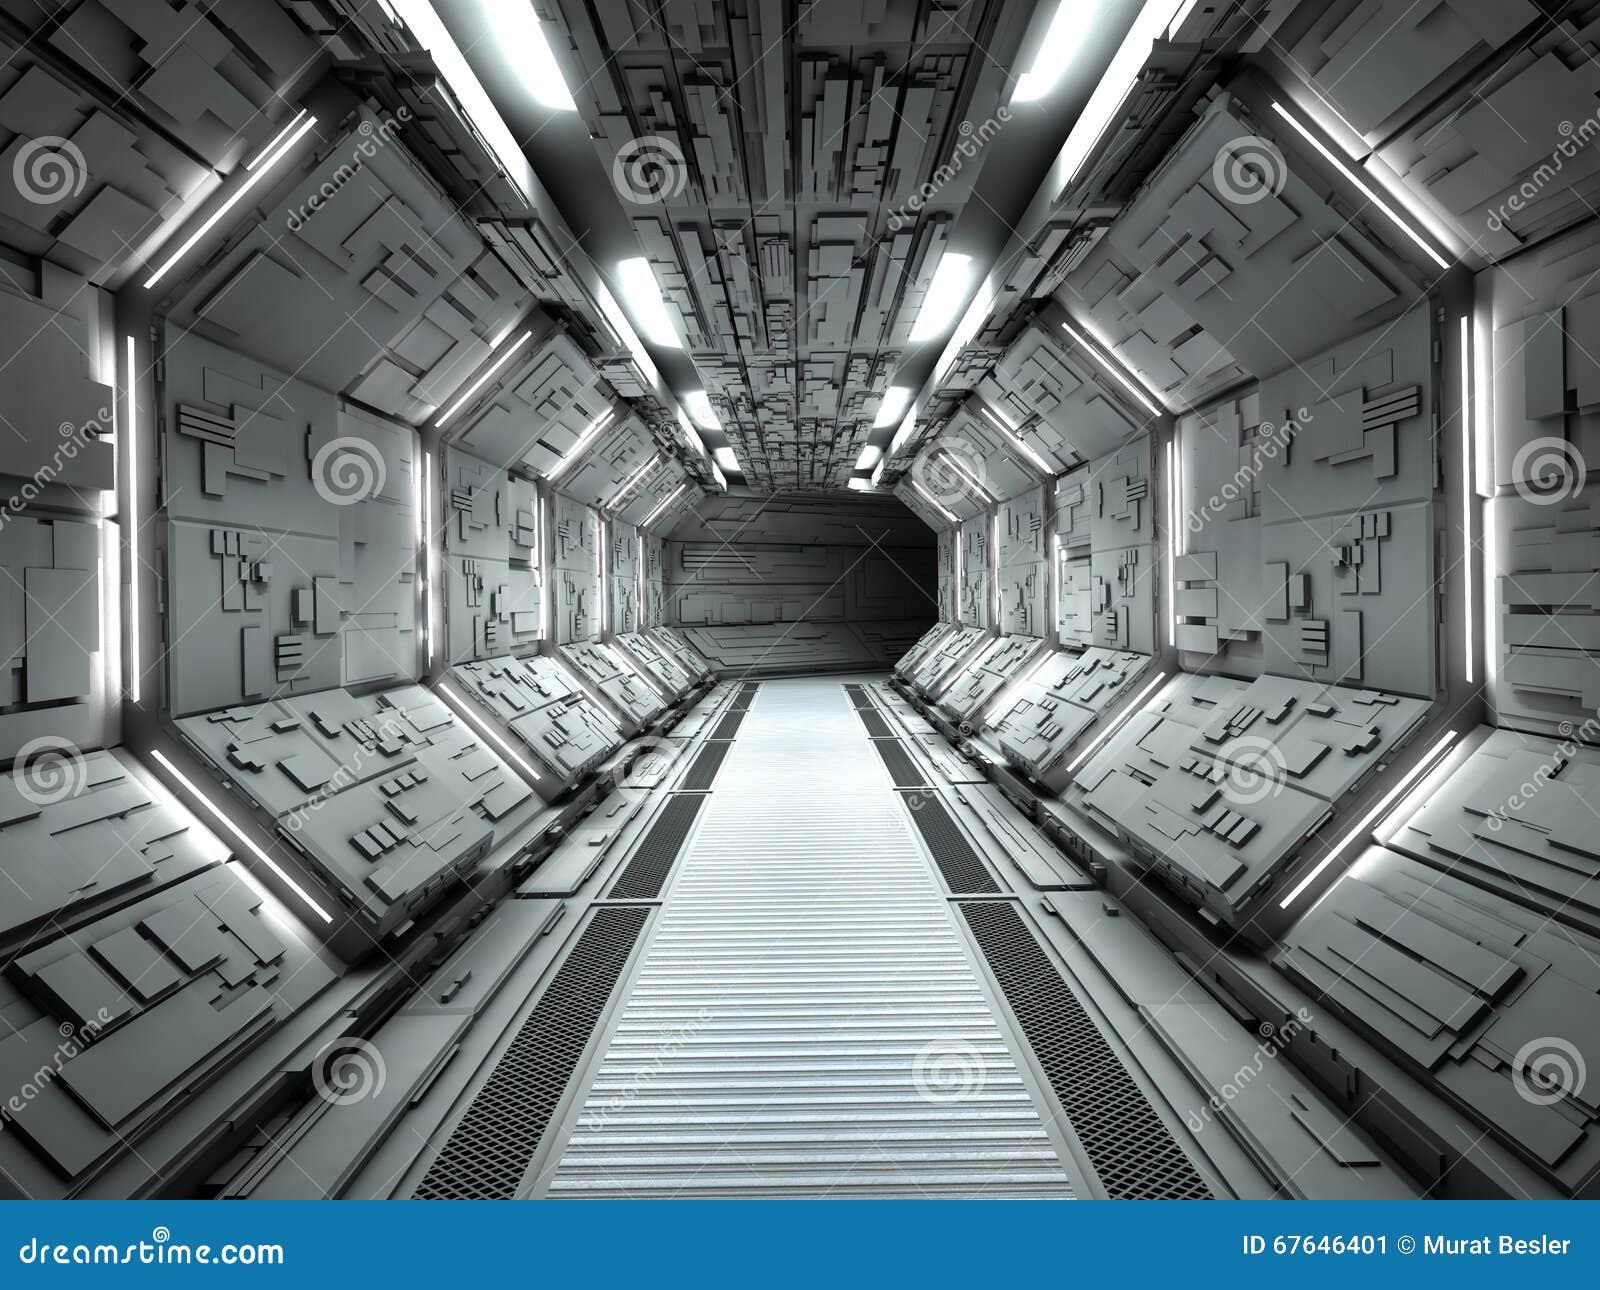 Interior De Ventana De Nave Espacial: Interior Futurista Da Nave Espacial Ilustração Stock